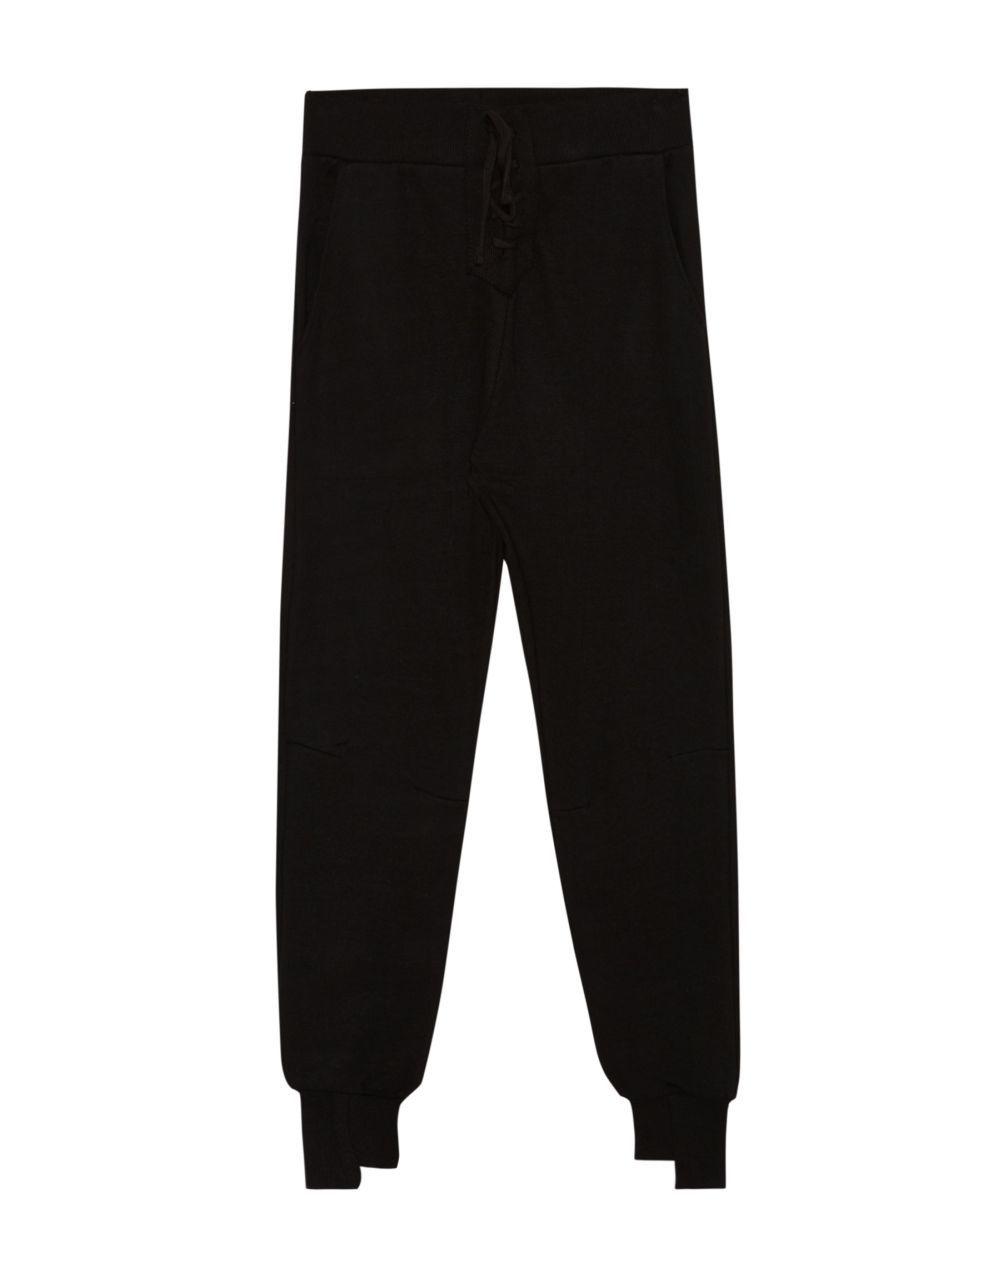 Pantalón Jogging de Pull&Bear (17,99 euros)